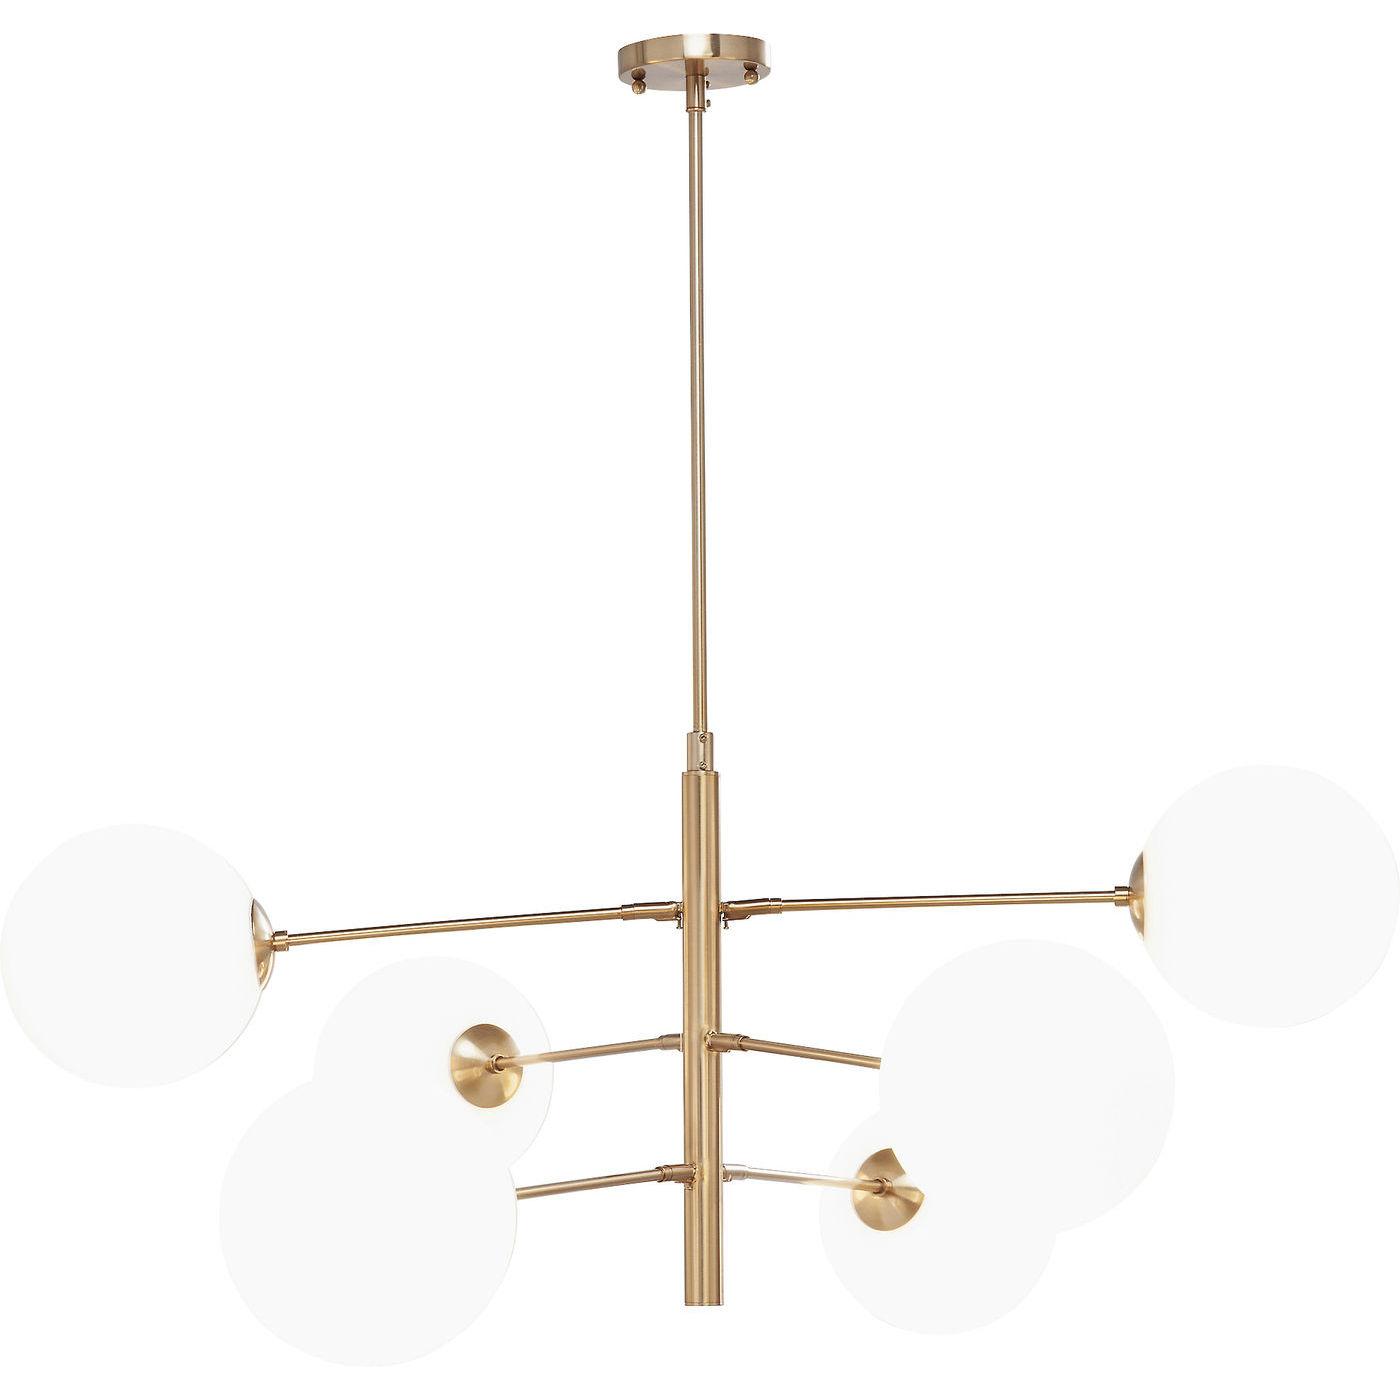 kare design – Kare design planets loftlampe - hvidt glas/messing stål på boboonline.dk